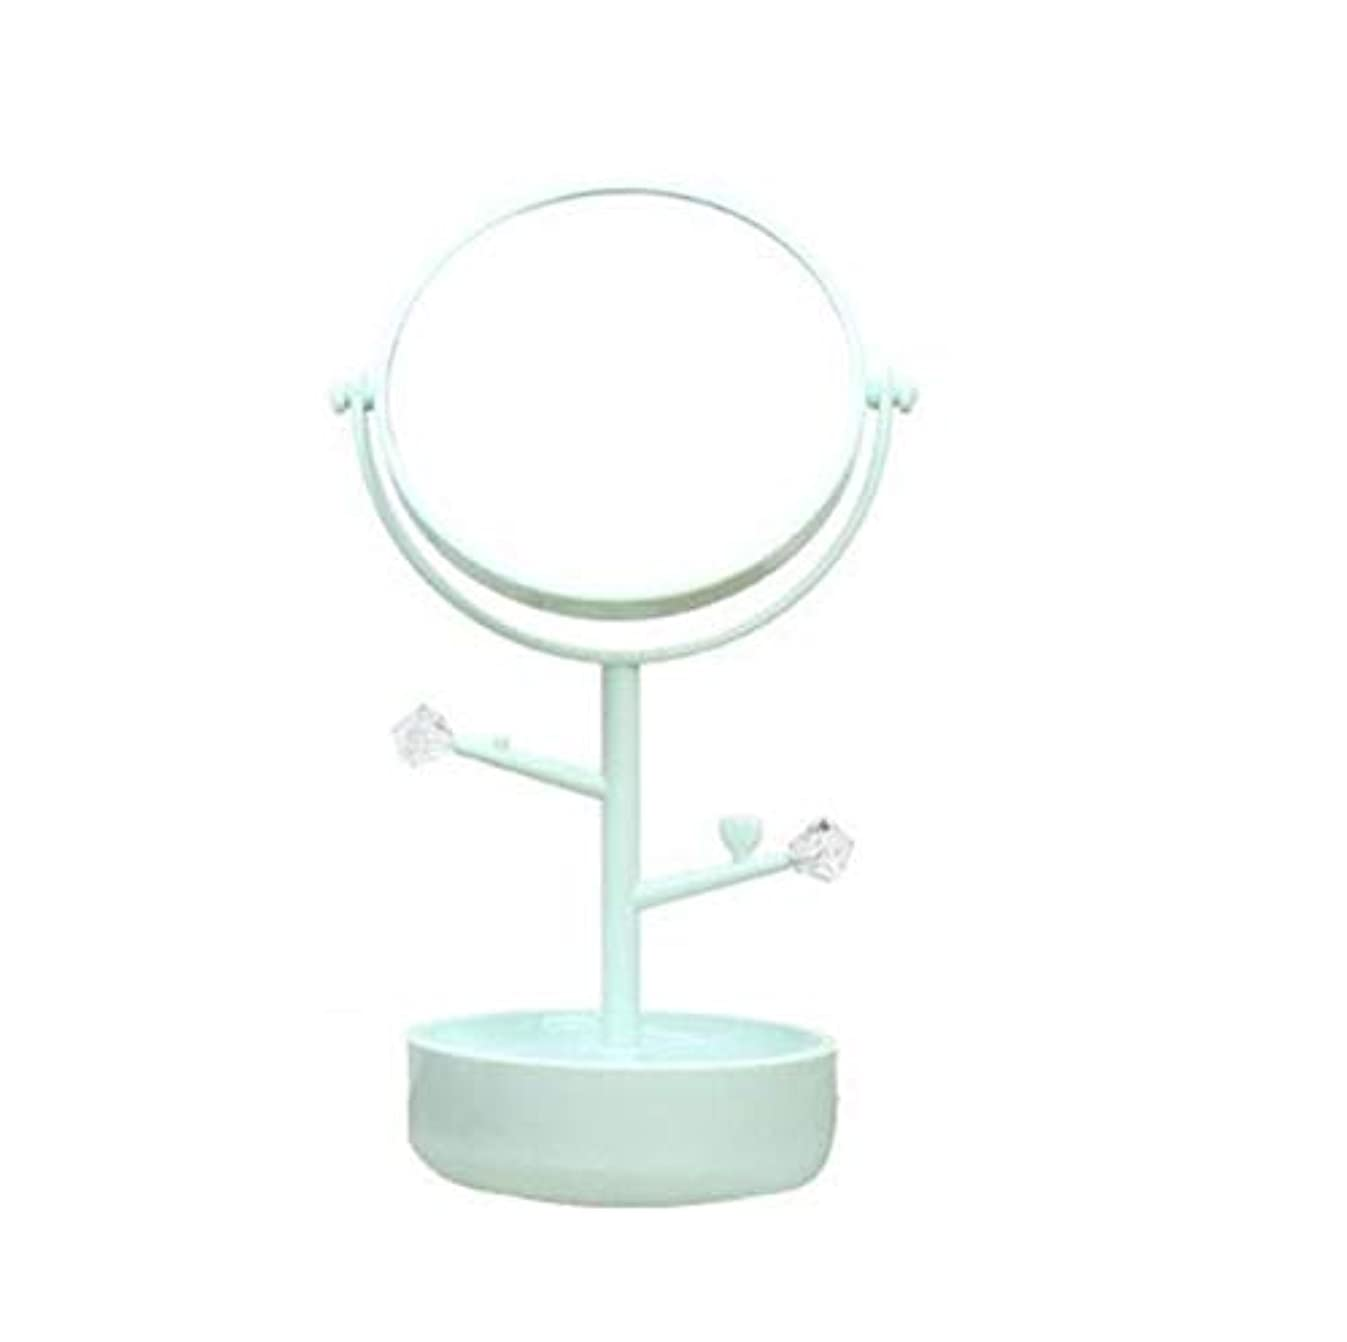 おもてなしバイナリ電気陽性化粧鏡、グリーン多機能収納両面化粧鏡化粧ギフト